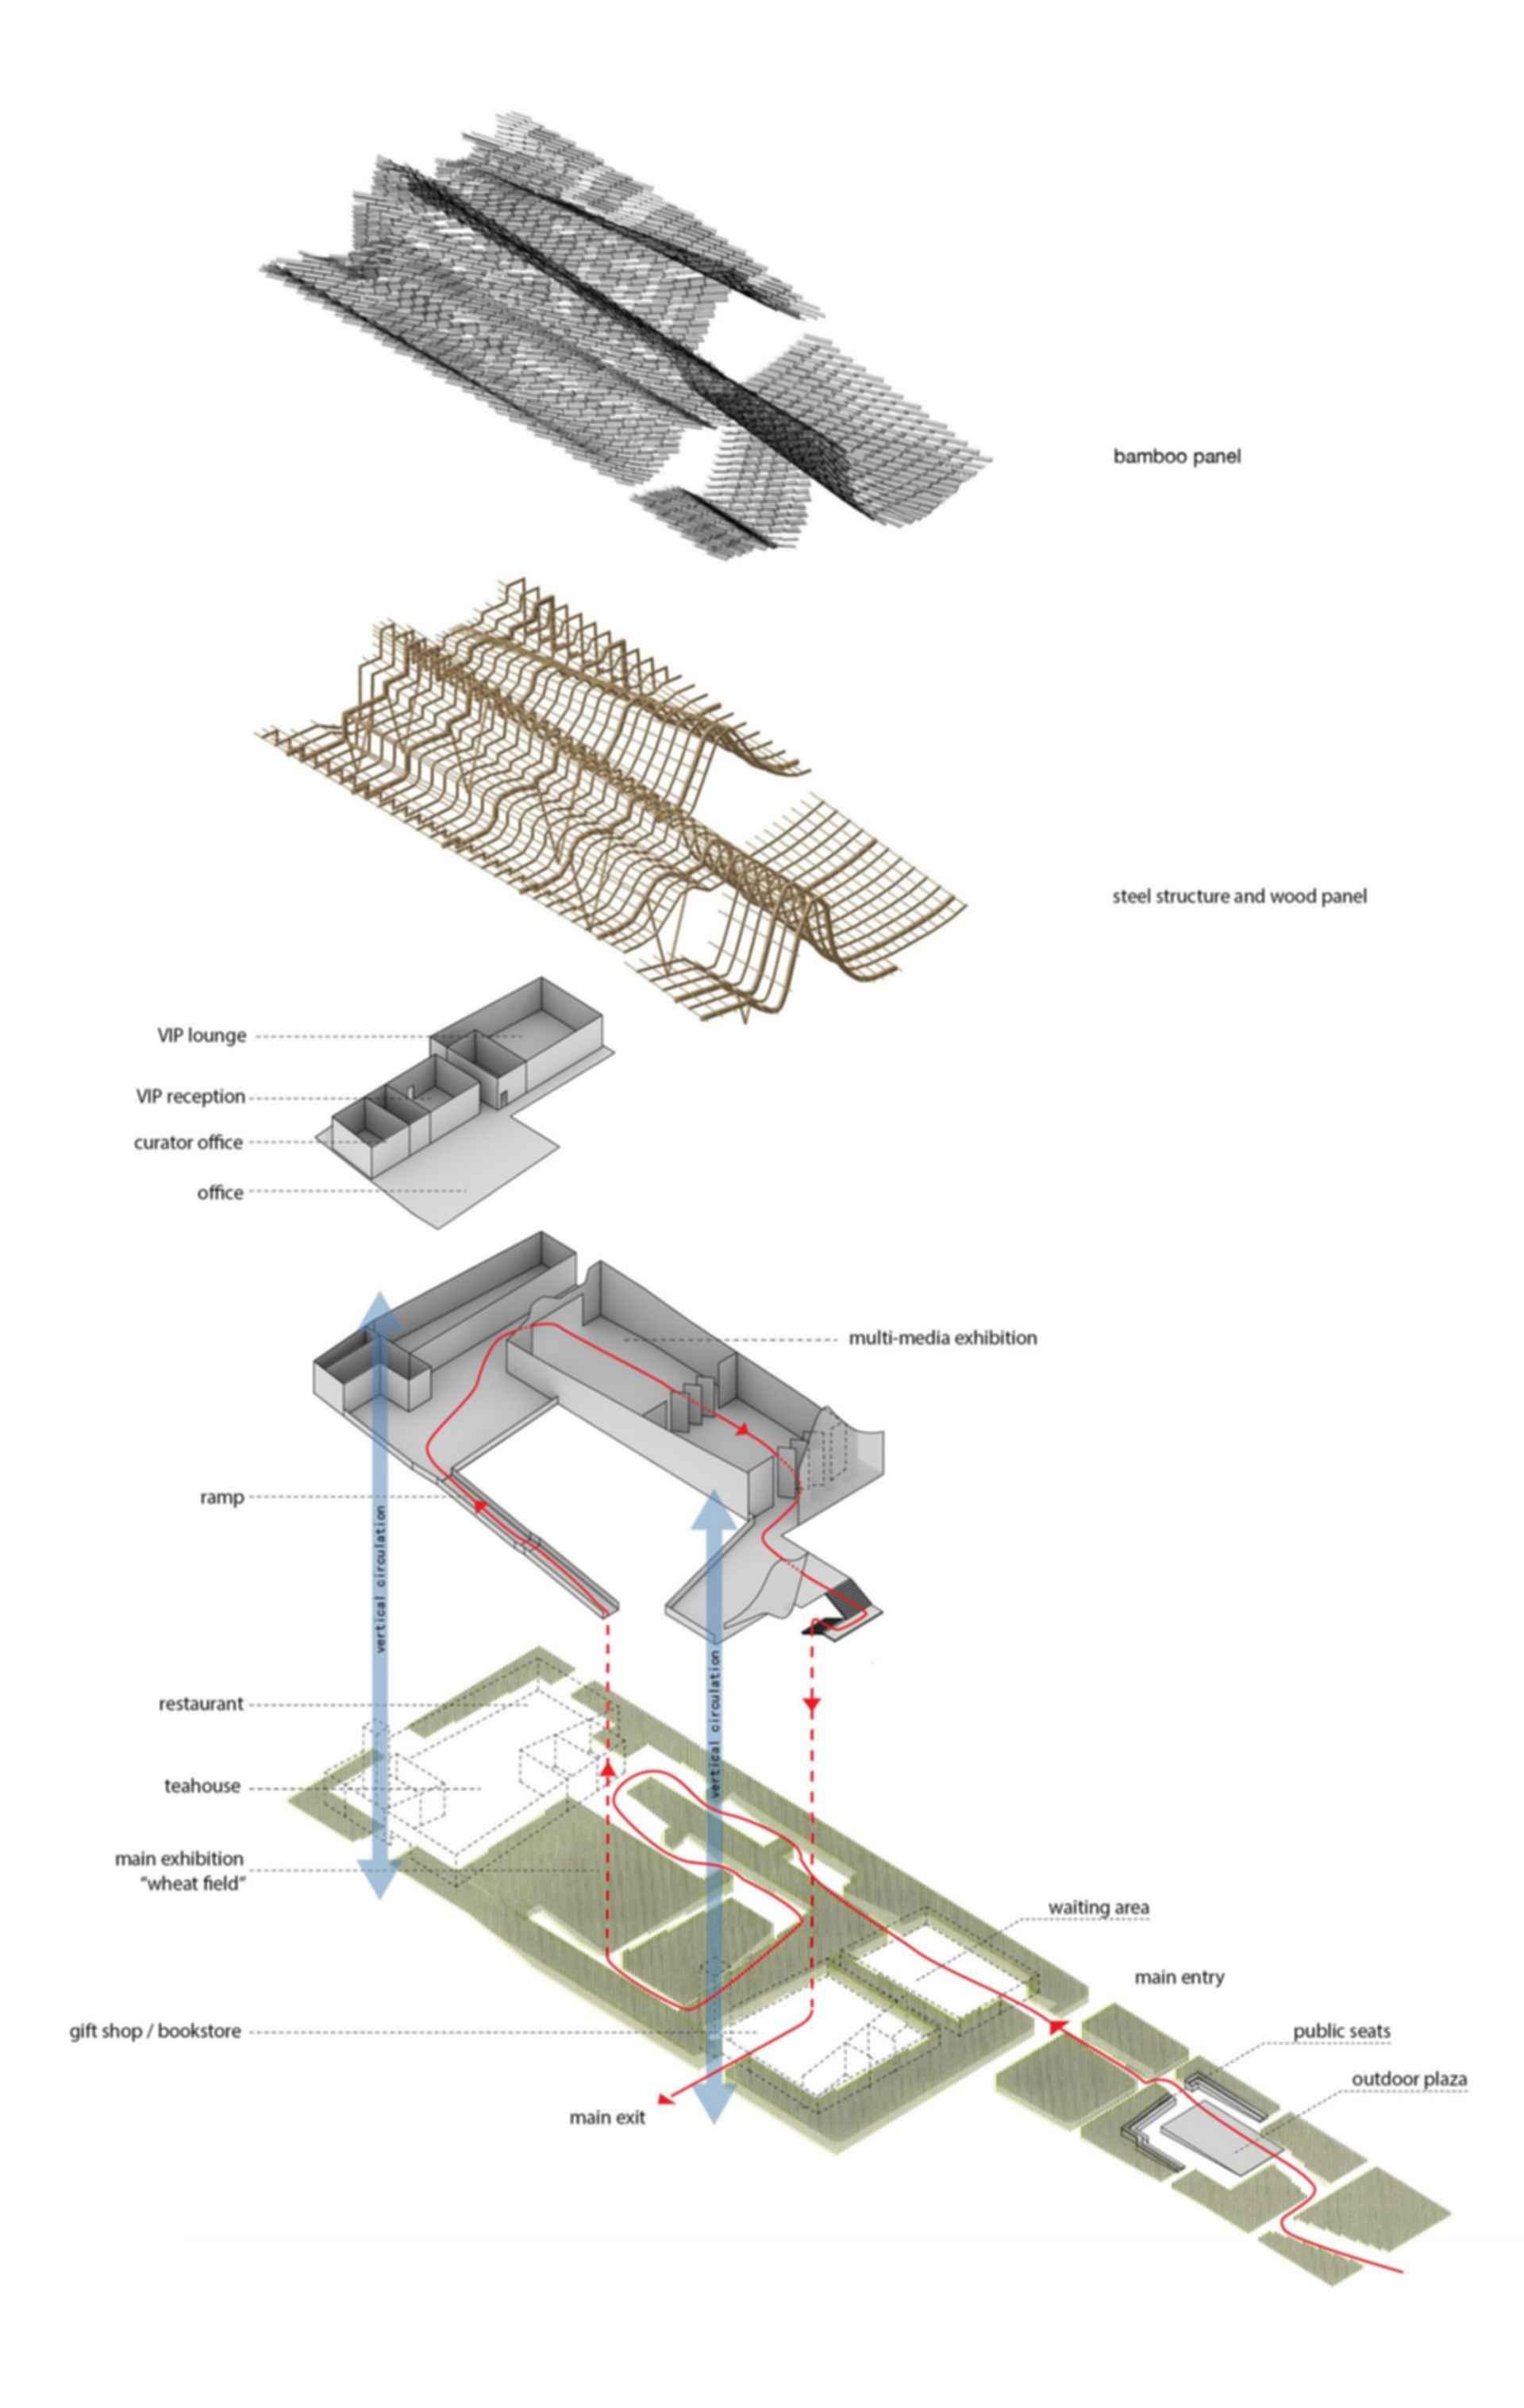 China Pavilion at Milan Expo 2015 - Bamboo Design